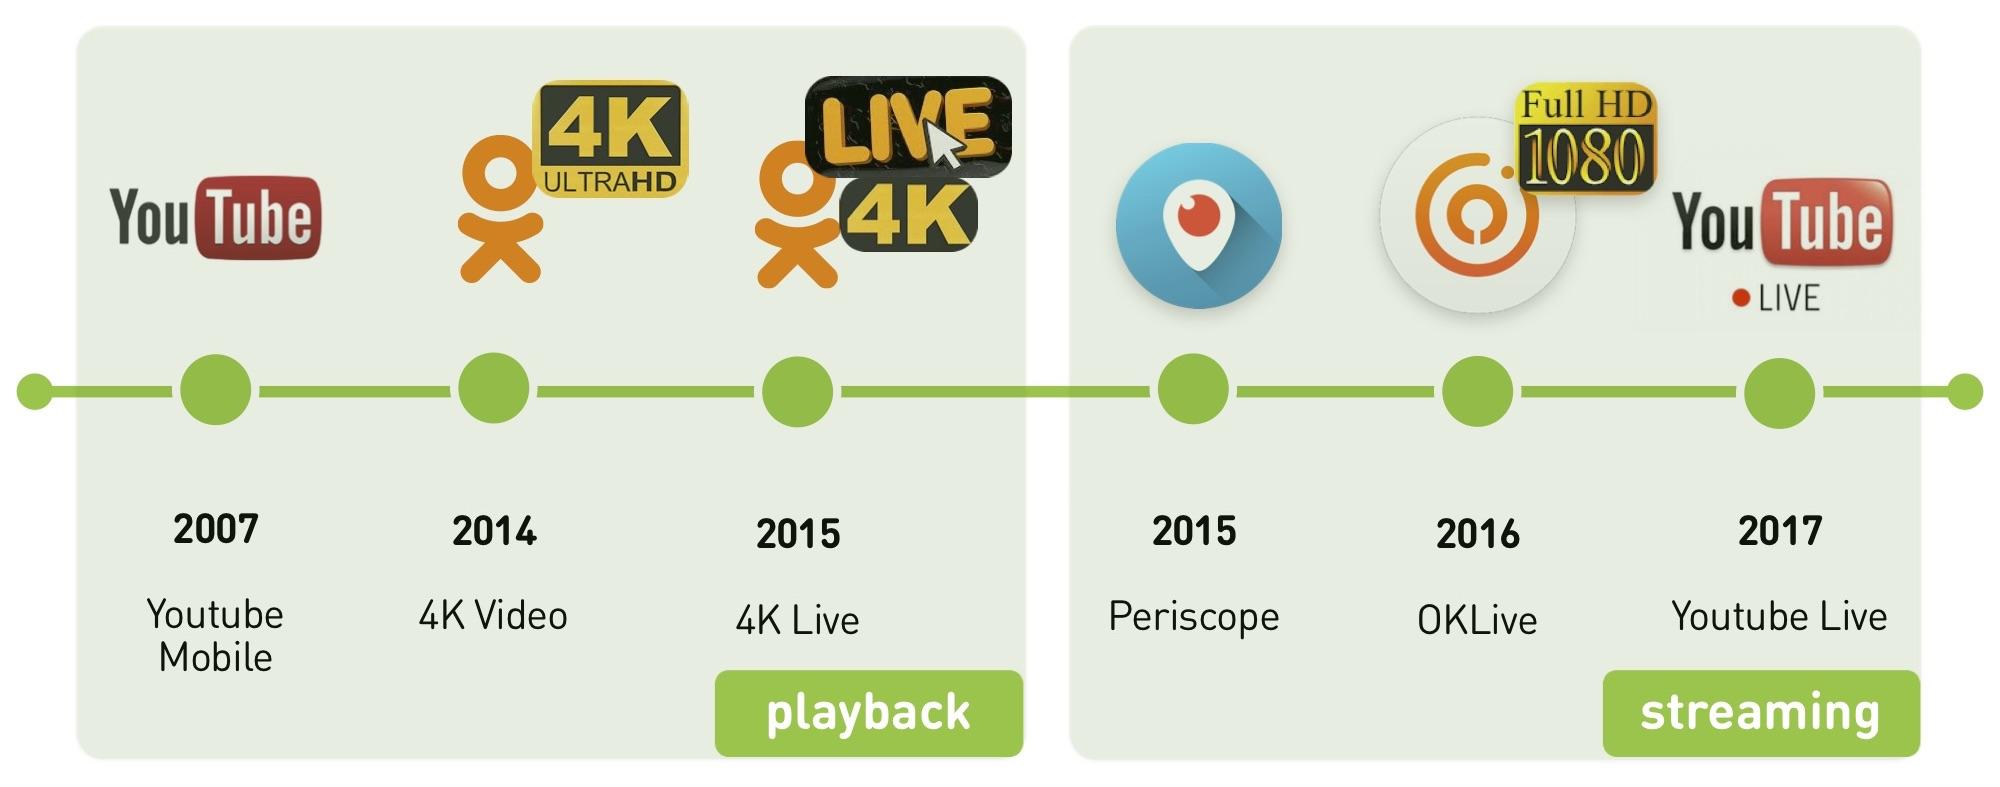 Смотри меня полностью: выжимаем максимум из live video на мобильных платформах - 2